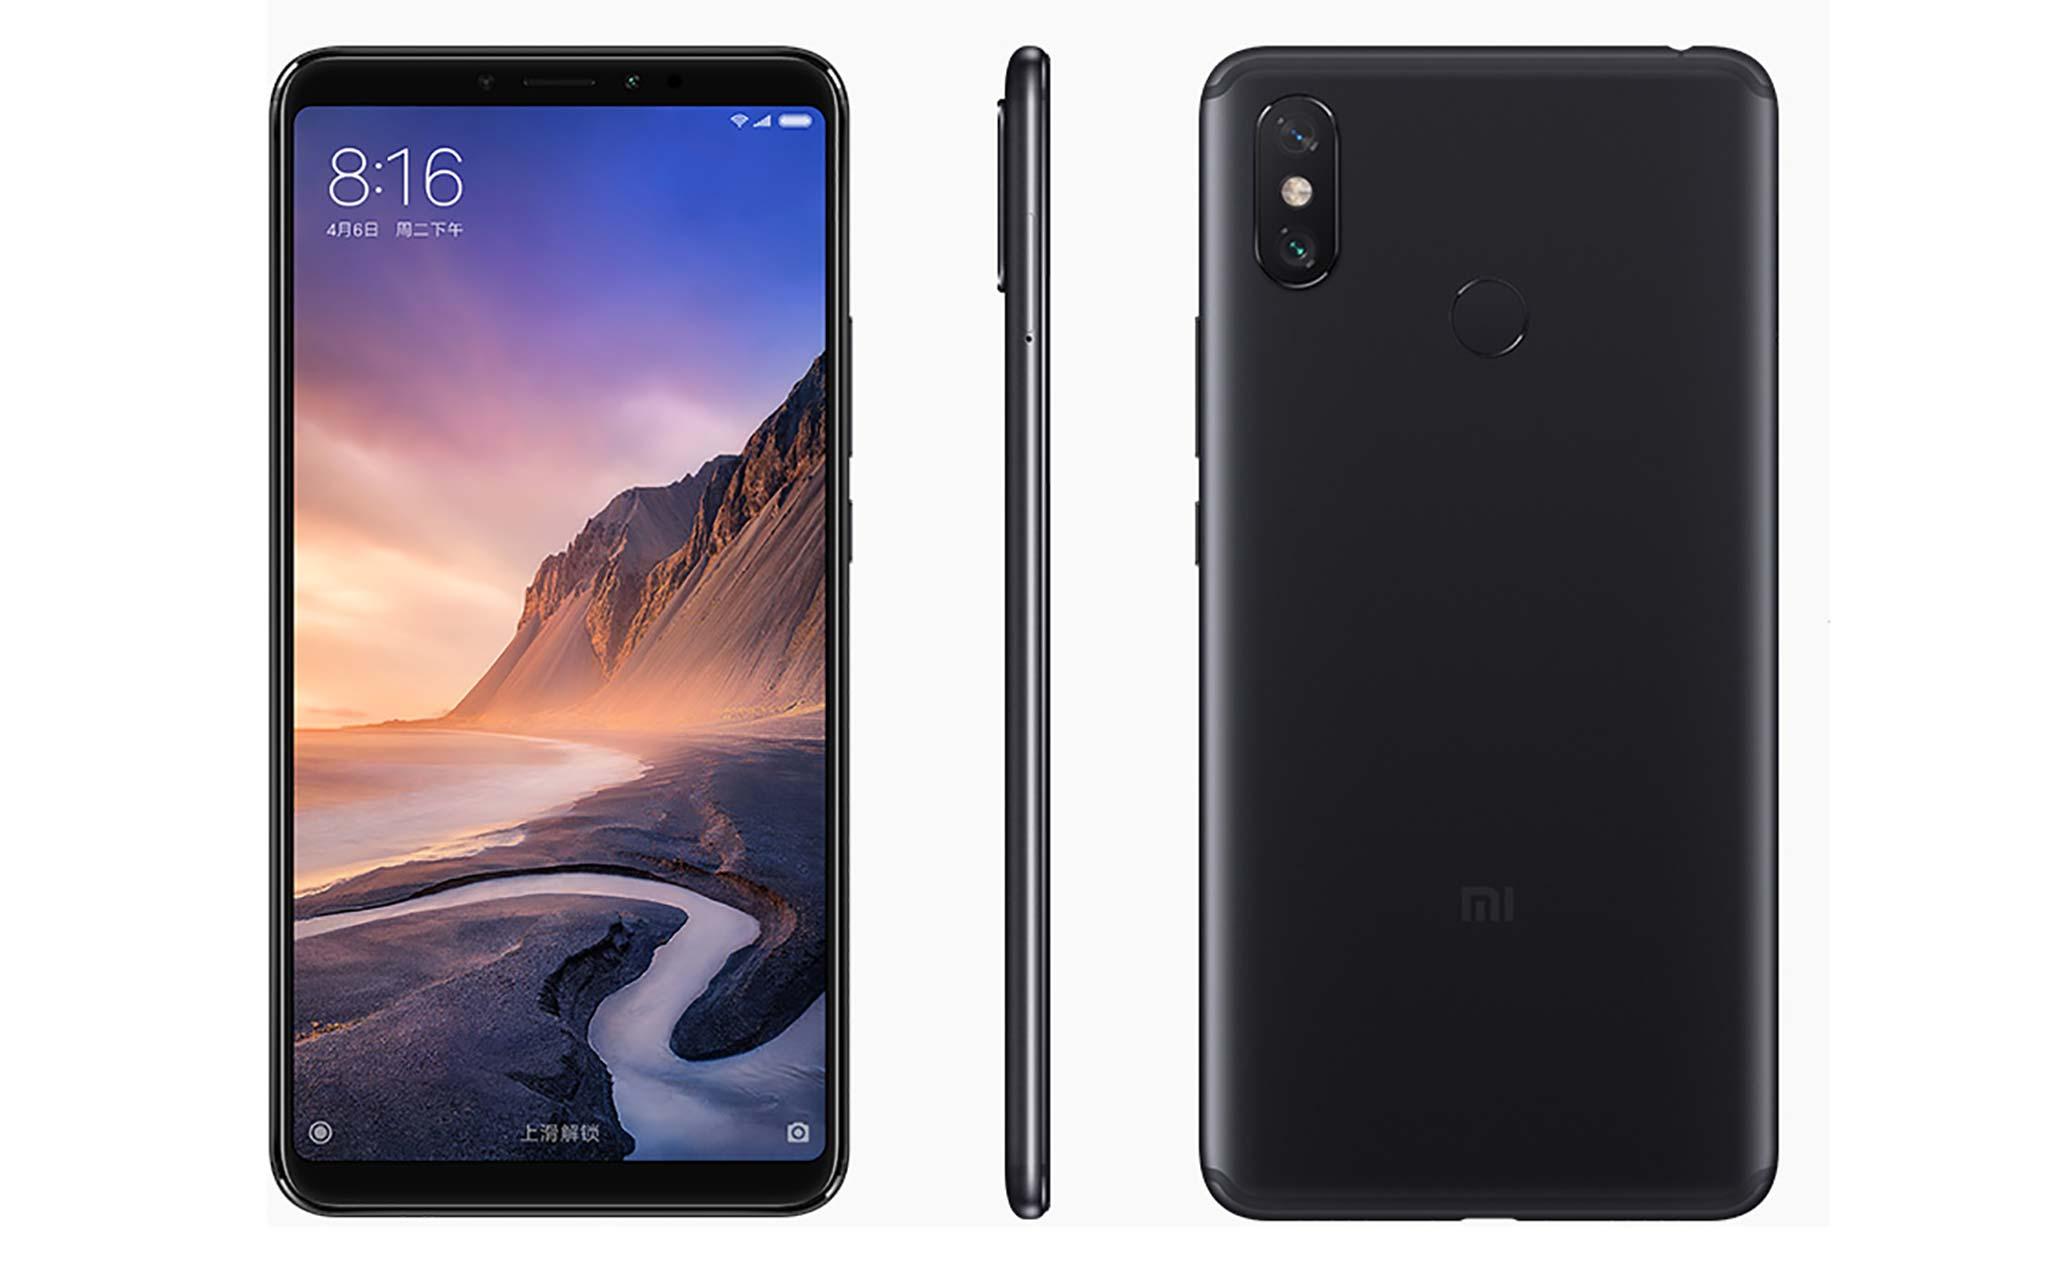 Đánh giá Xiaomi Mi Max 3: Màn hình 6.9 inch, pin 5500mAh, SnapDragon 636, giá 250 USD